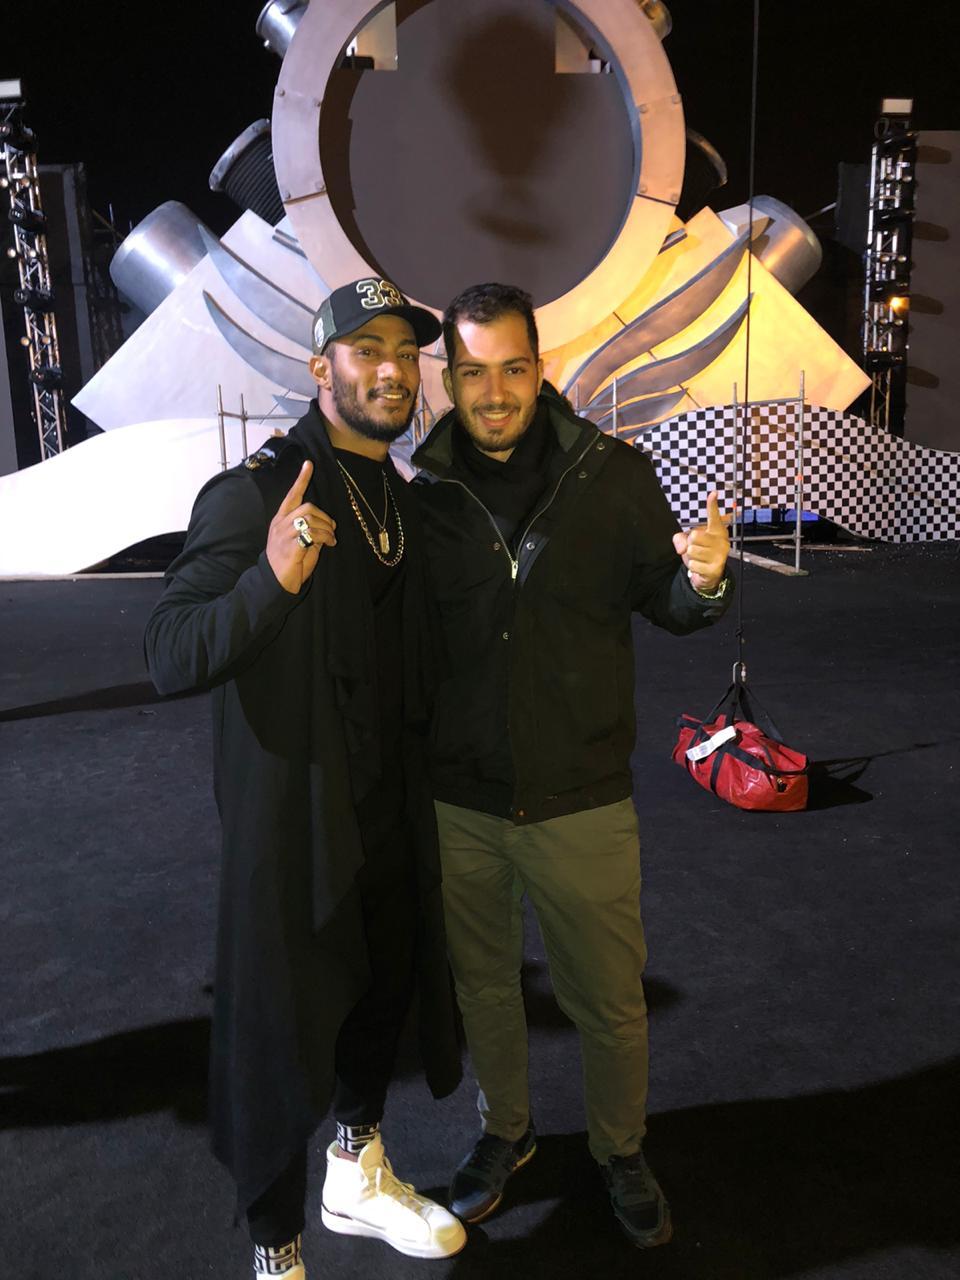 محمد رمضان ومحمد جابر فى حفل الرياض